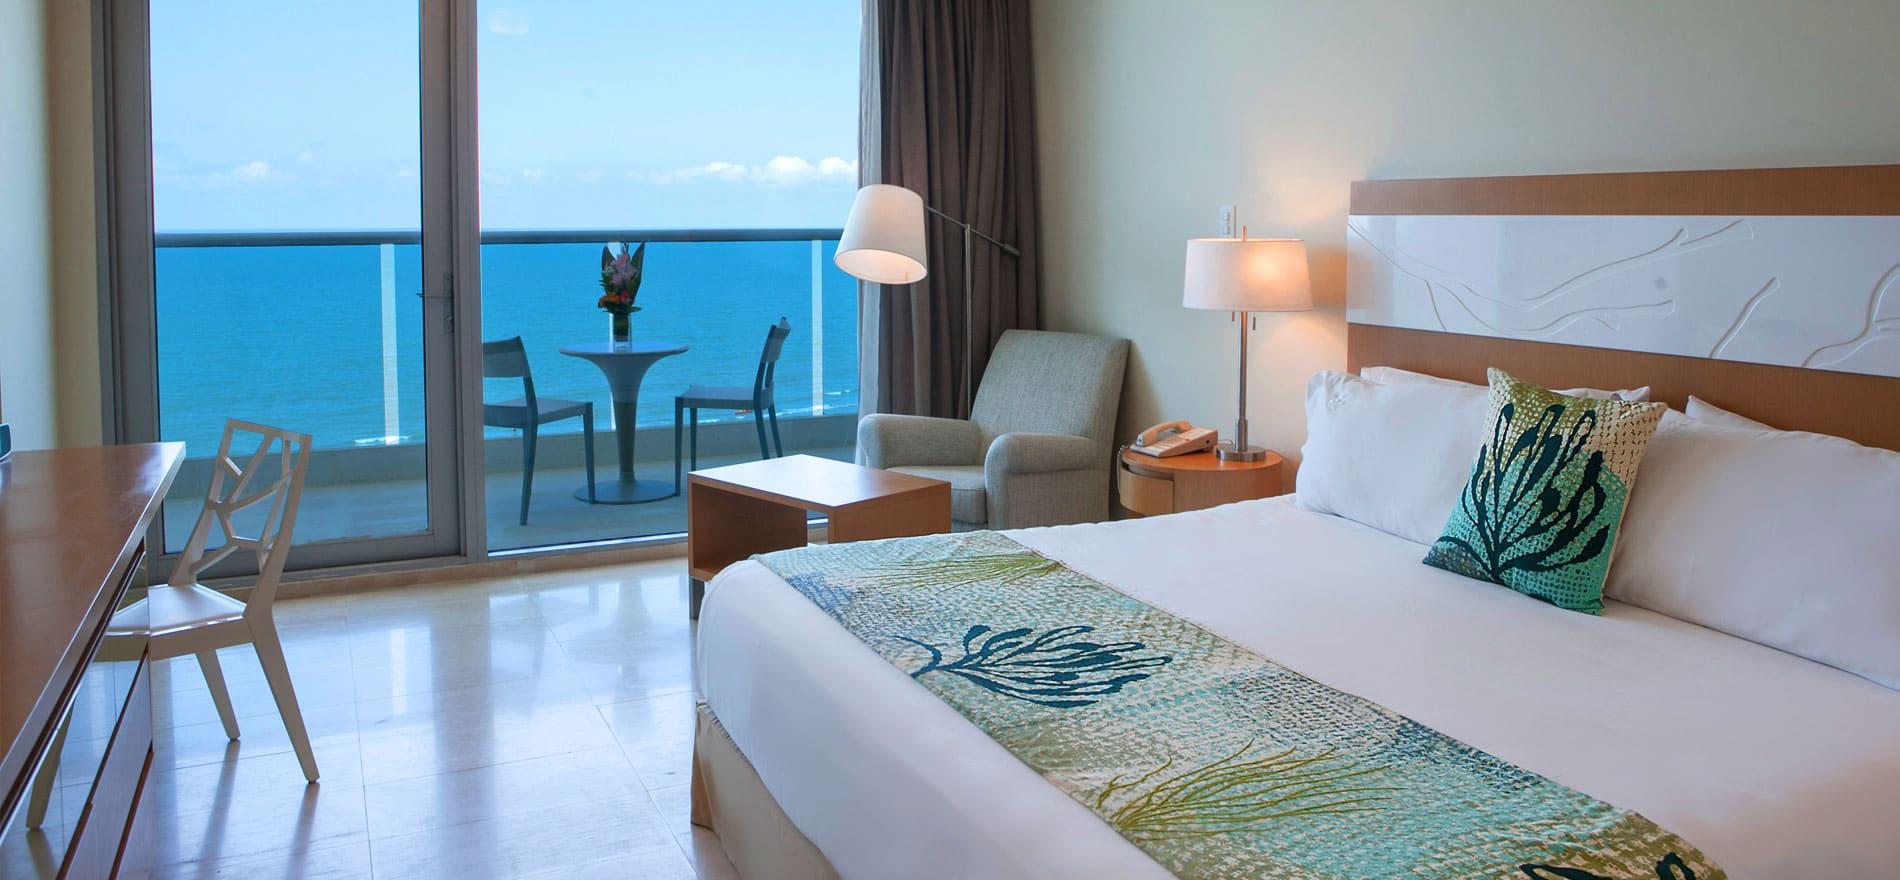 Habitacion en cartagena en el Hotel Torre del Mar Cartagena